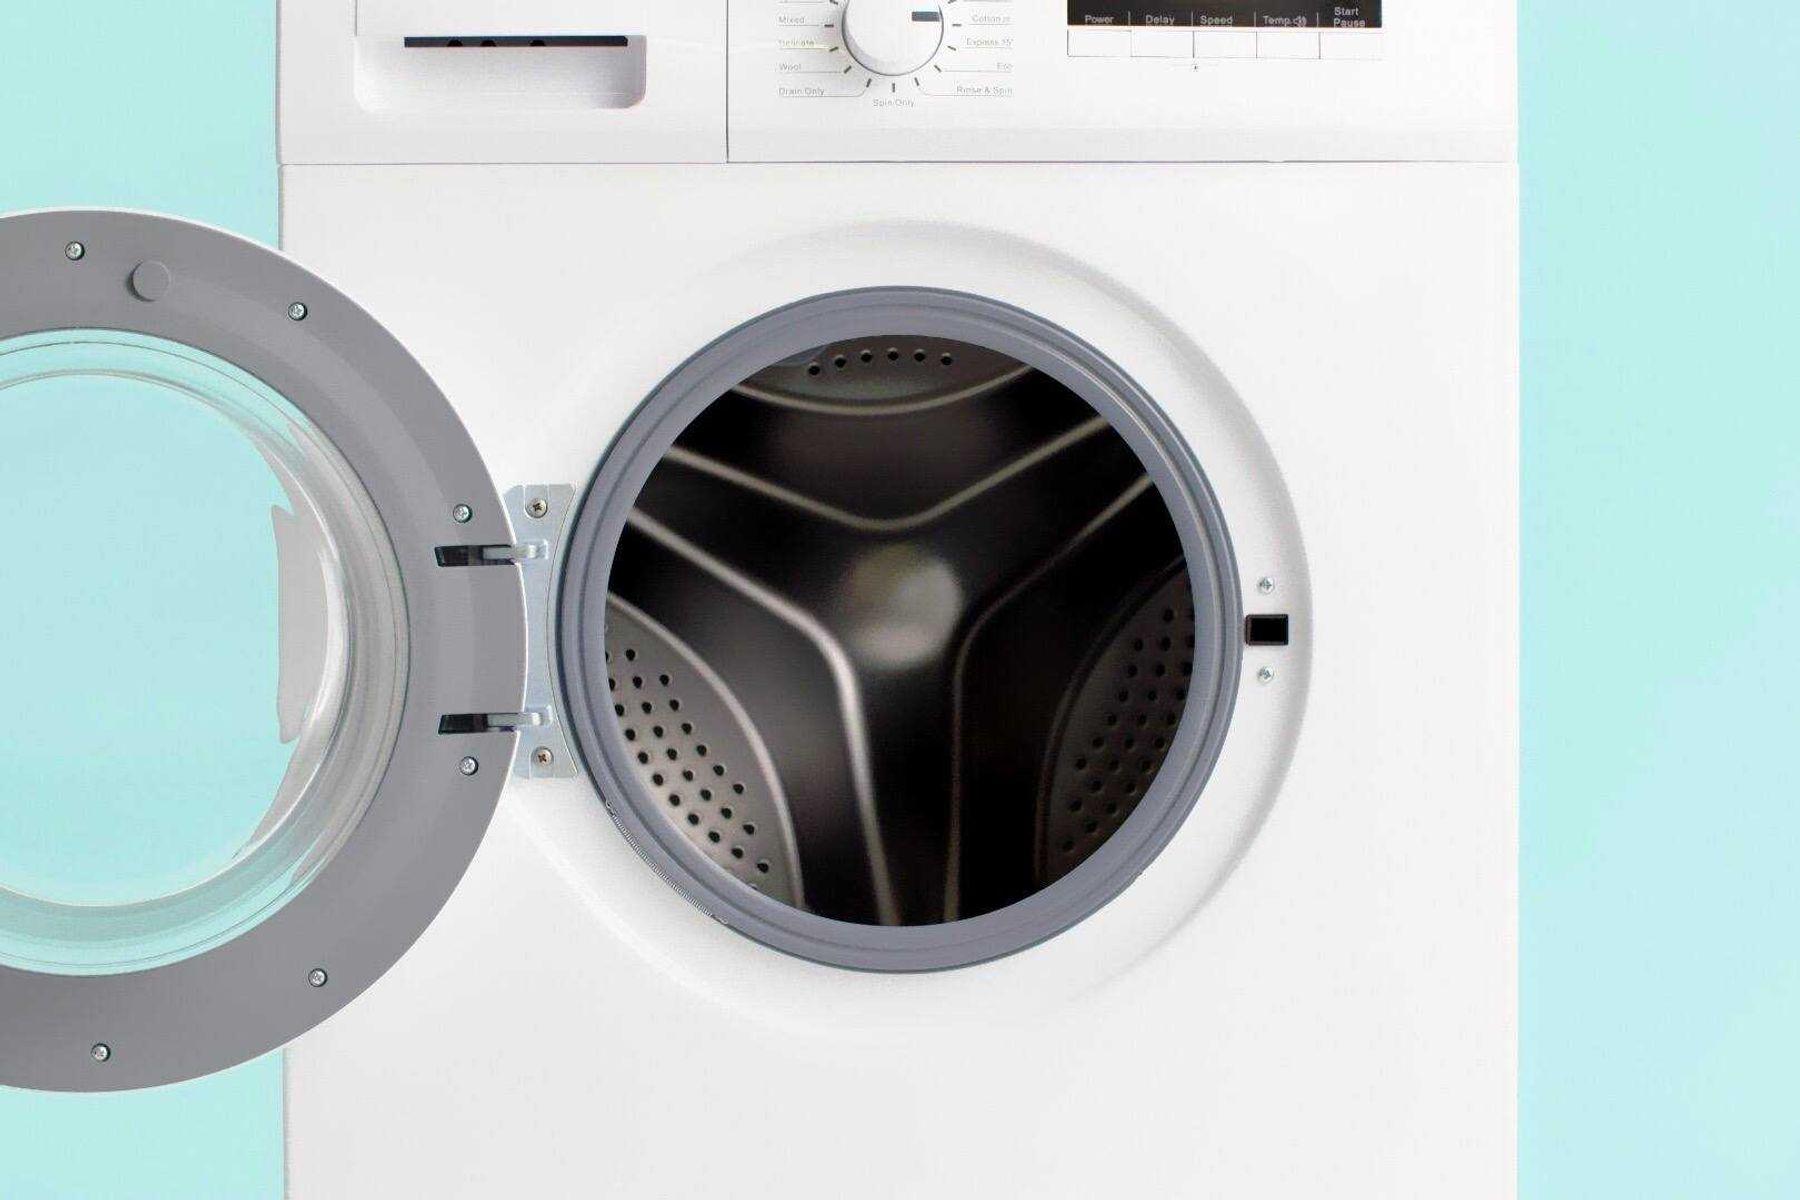 como-usar-a-secadora-corretamente